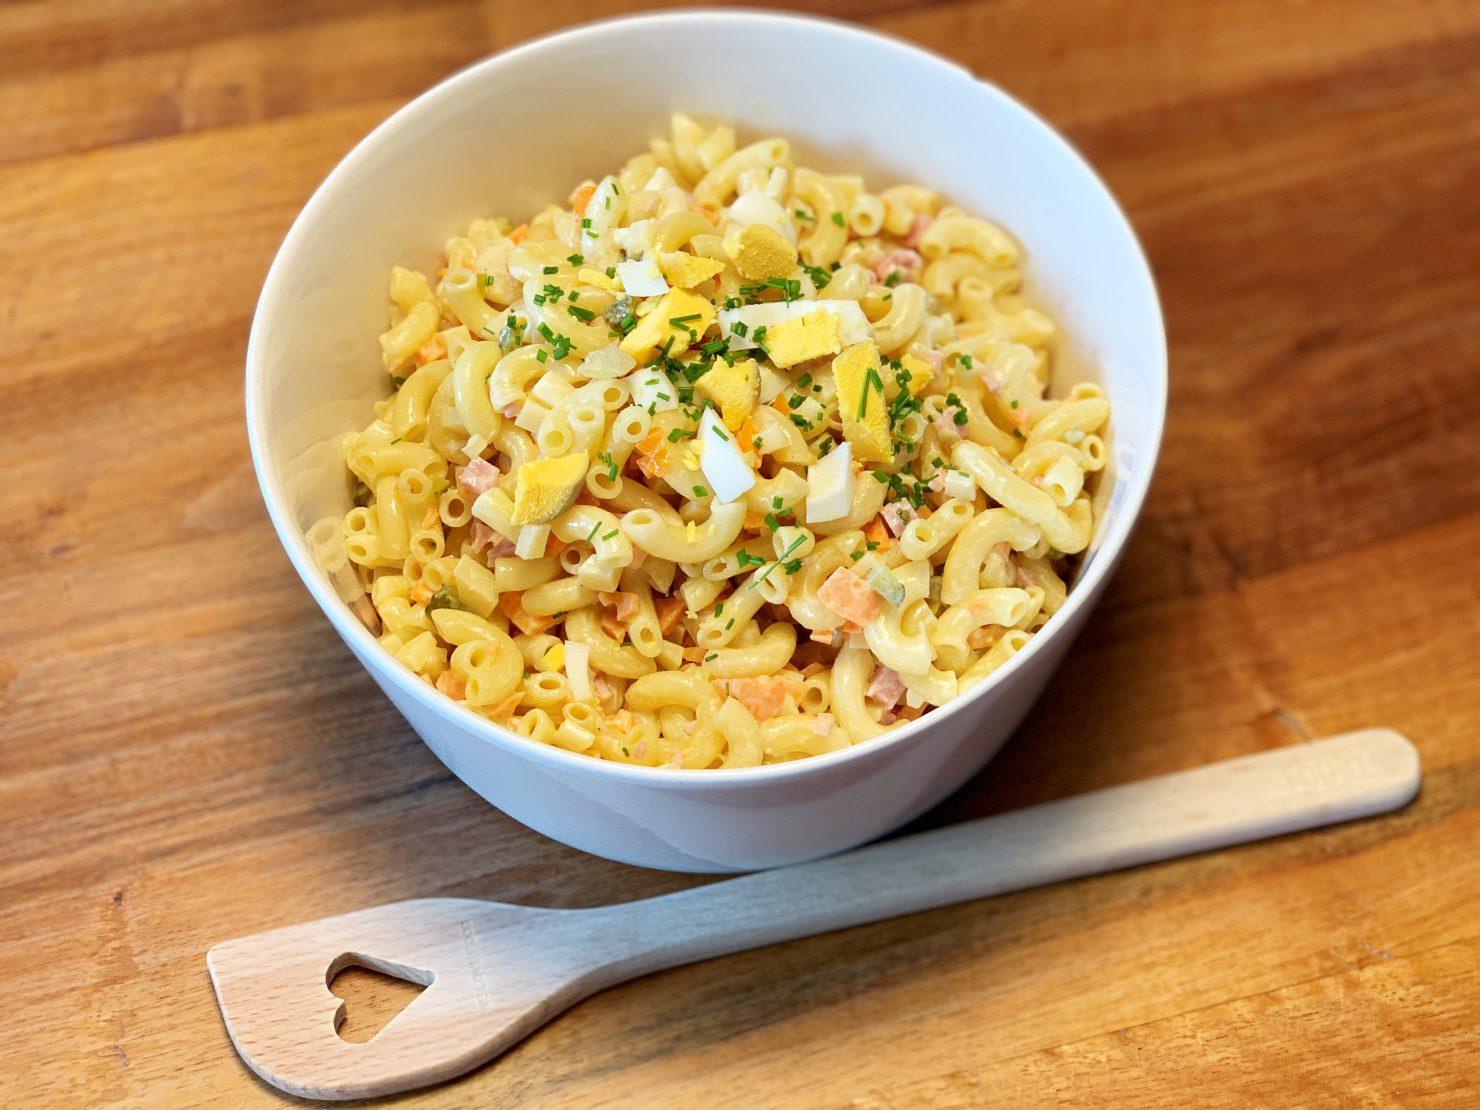 Hörnli-Salat - Schweizer Klassiker auf dem Familientisch